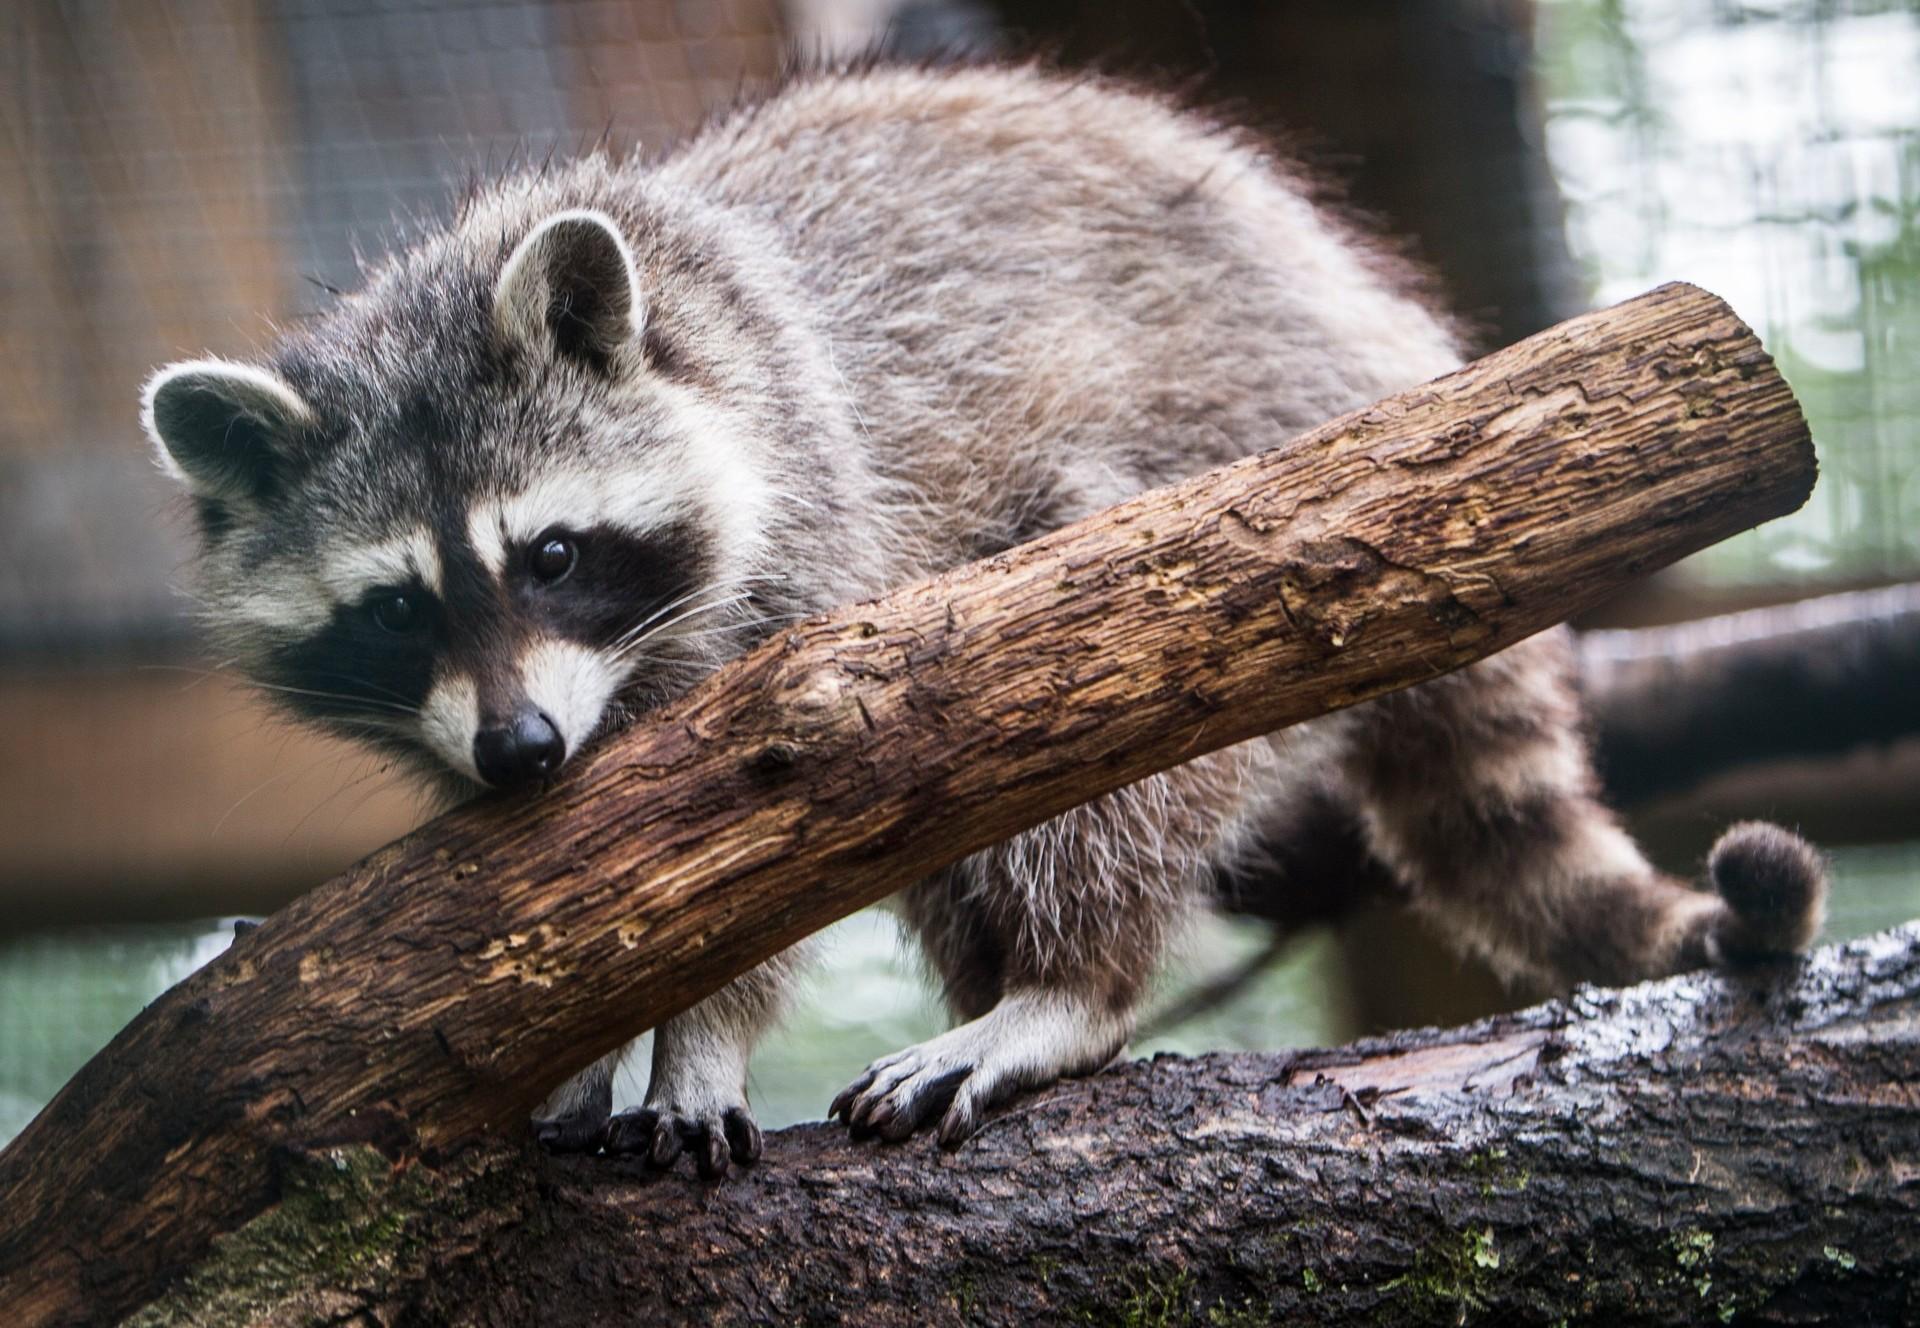 Raccoon at TIRART